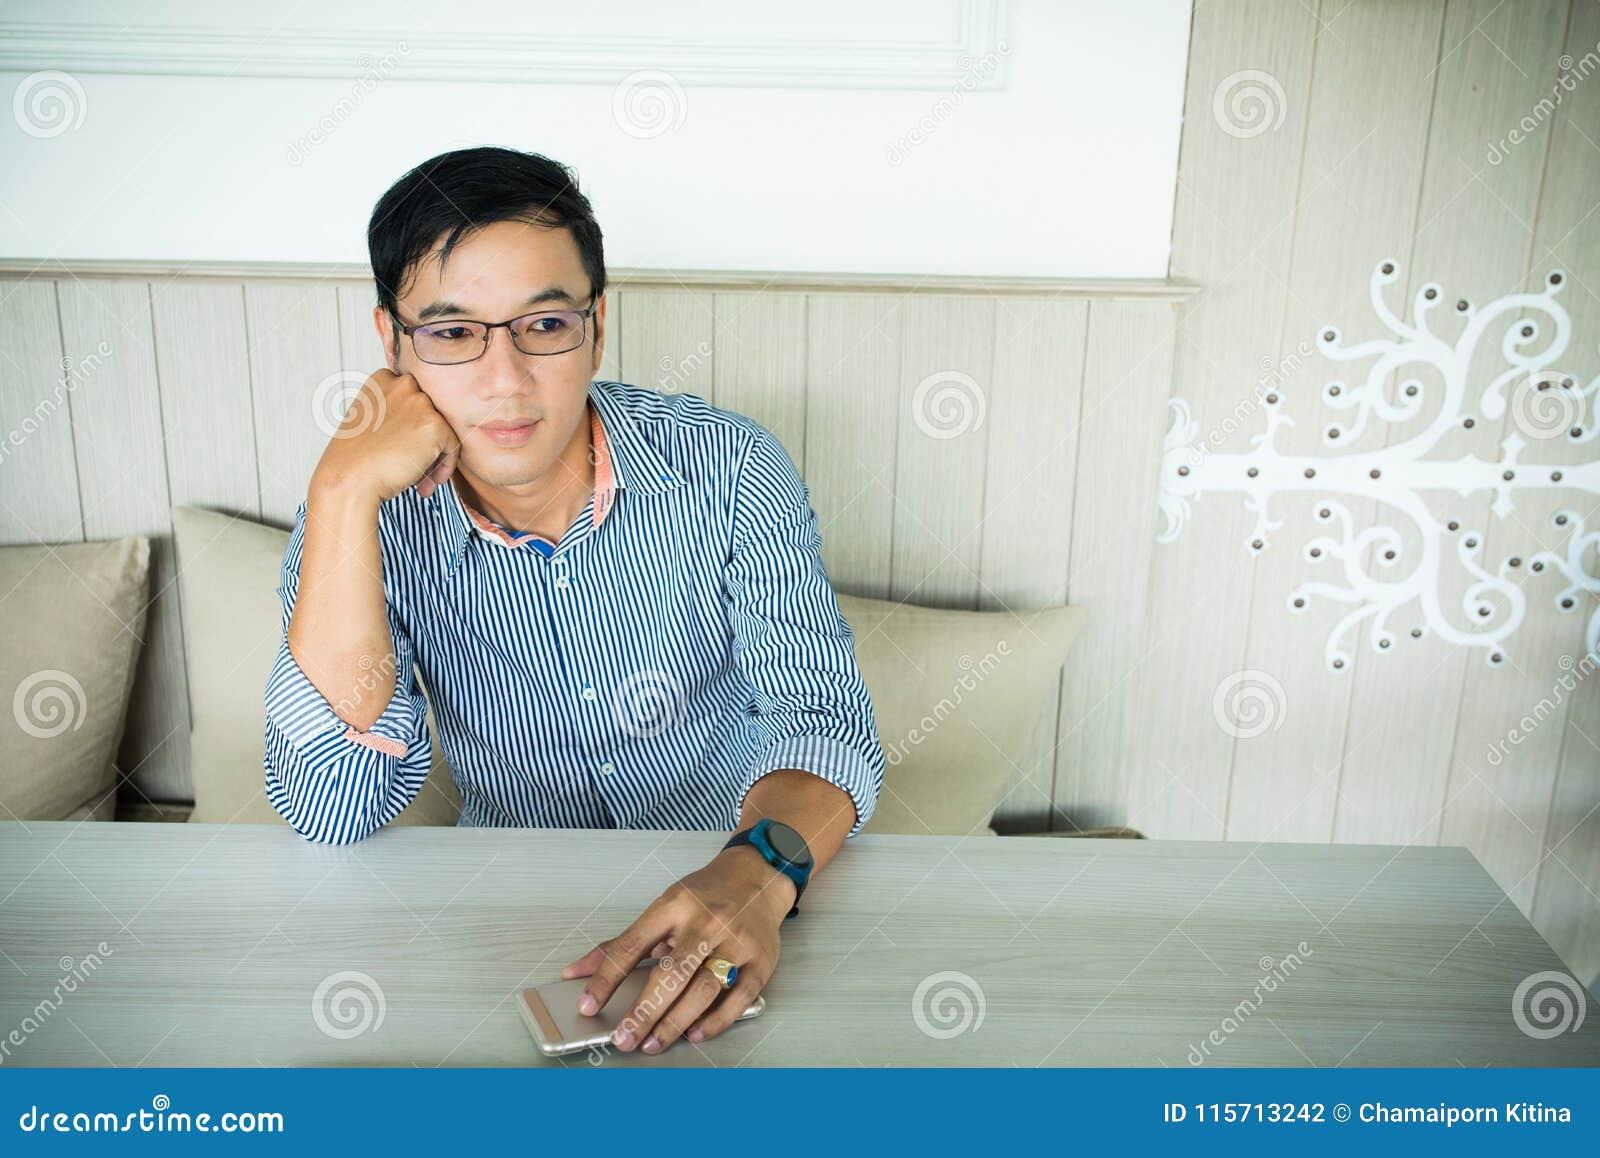 Χαμογελώντας ασιατικό άτομο στην περιστασιακή ντυμένη εργασία έξω του γραφείου ενώ